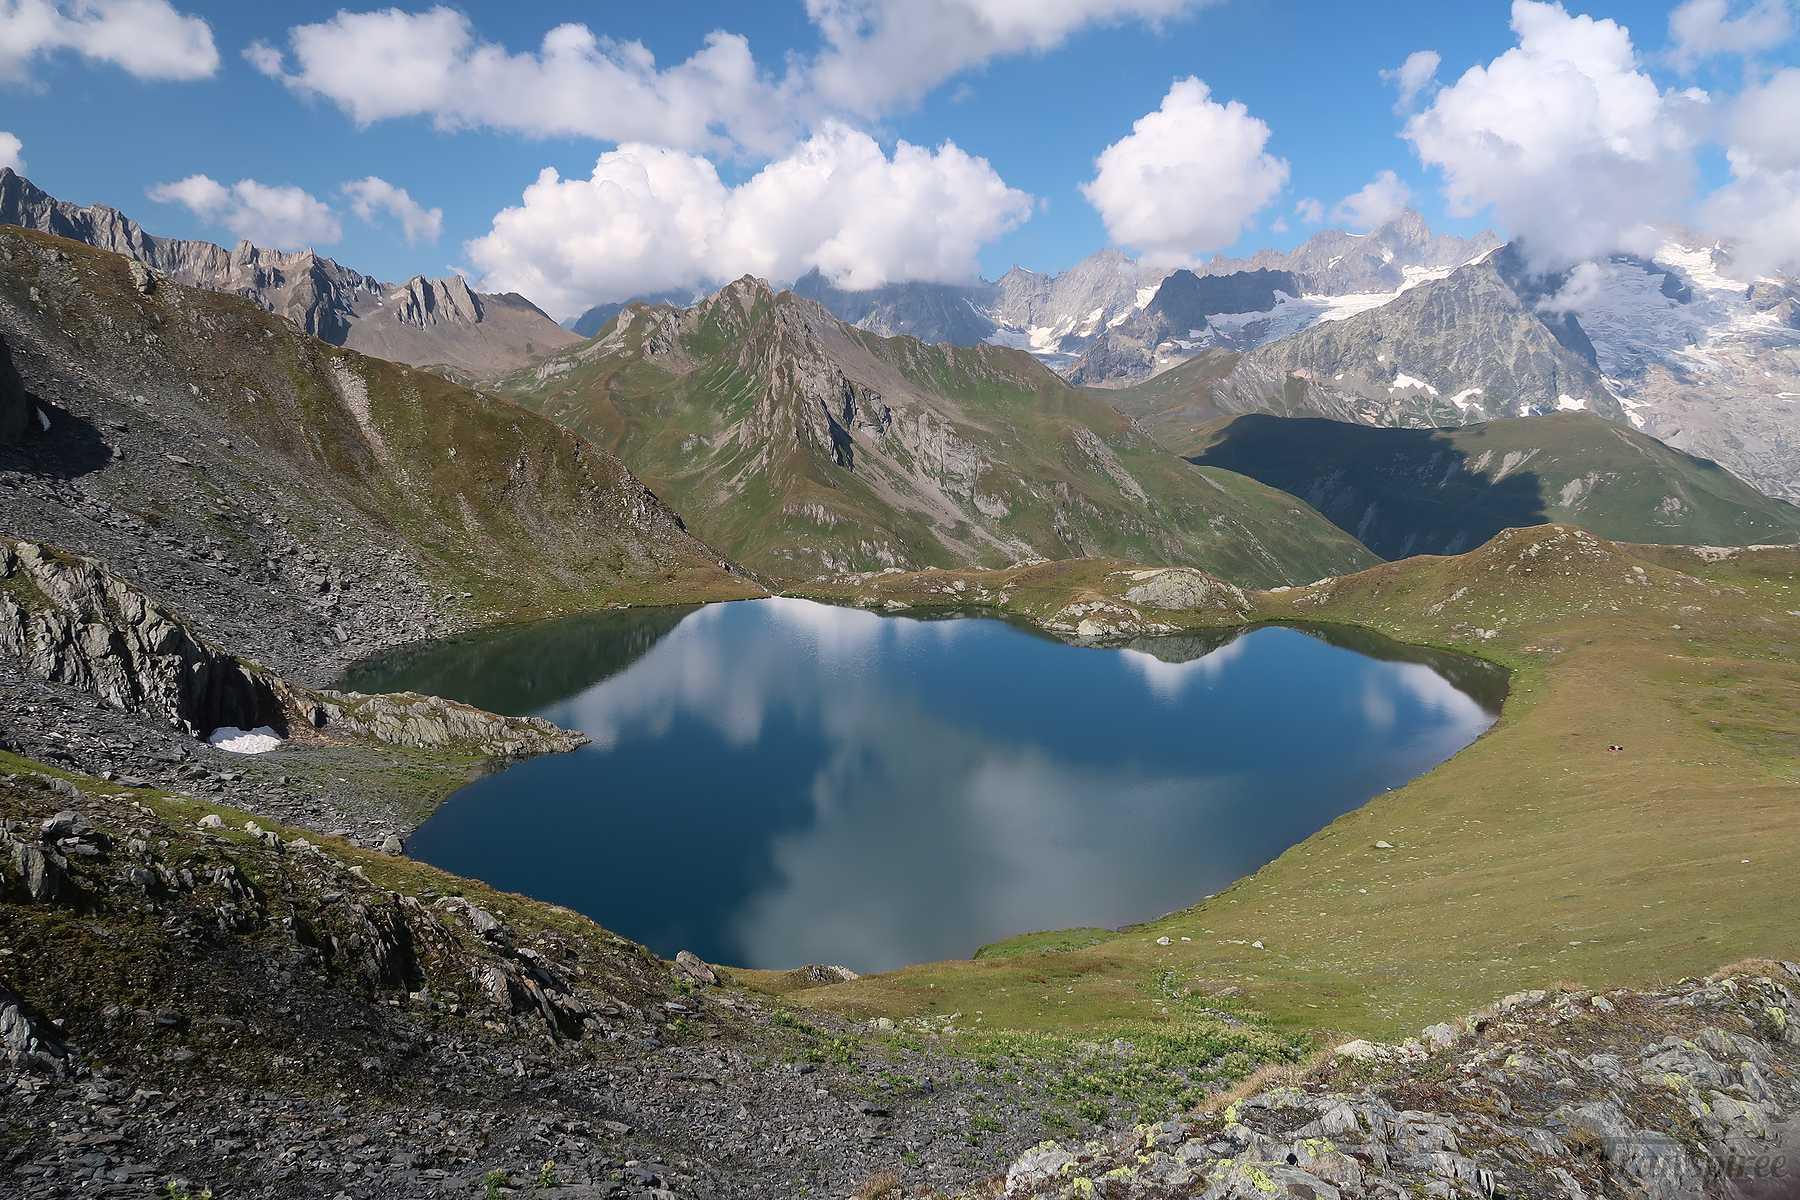 Randonnée au col du Grand Saint-Bernard depuis les lacs de Fenêtre